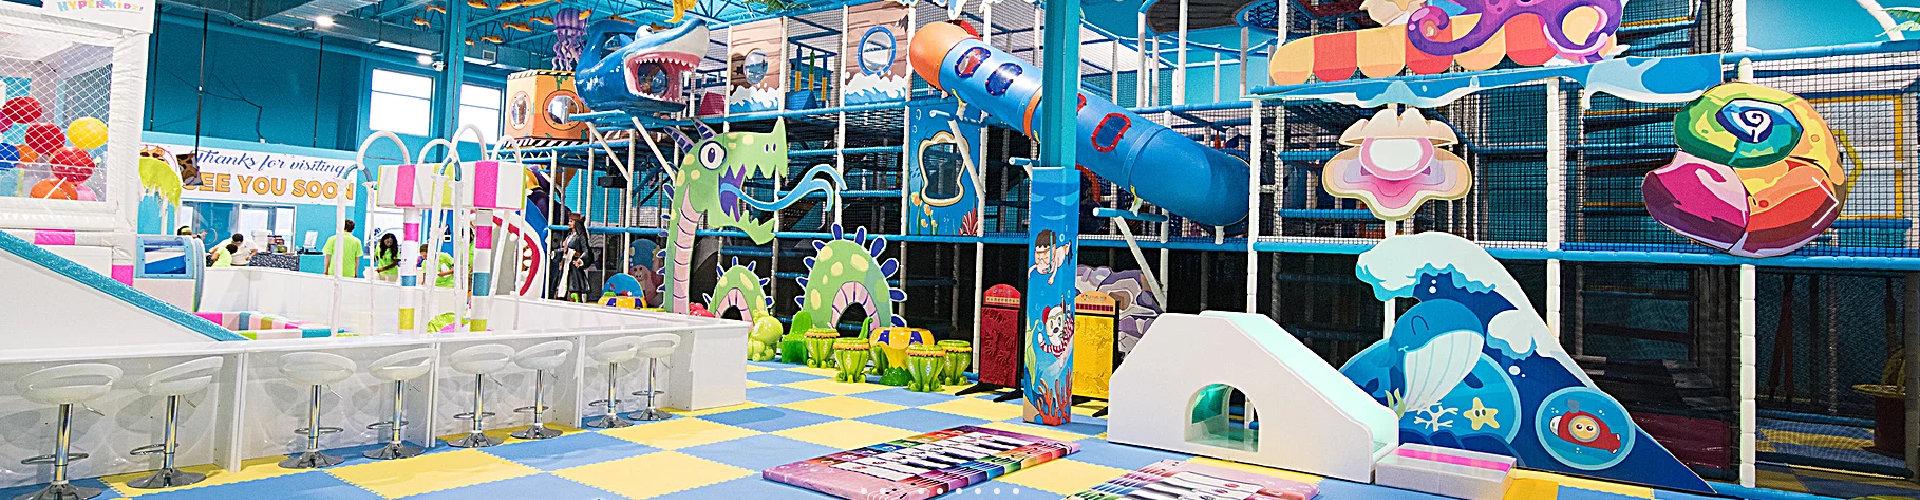 hyperkidz playground